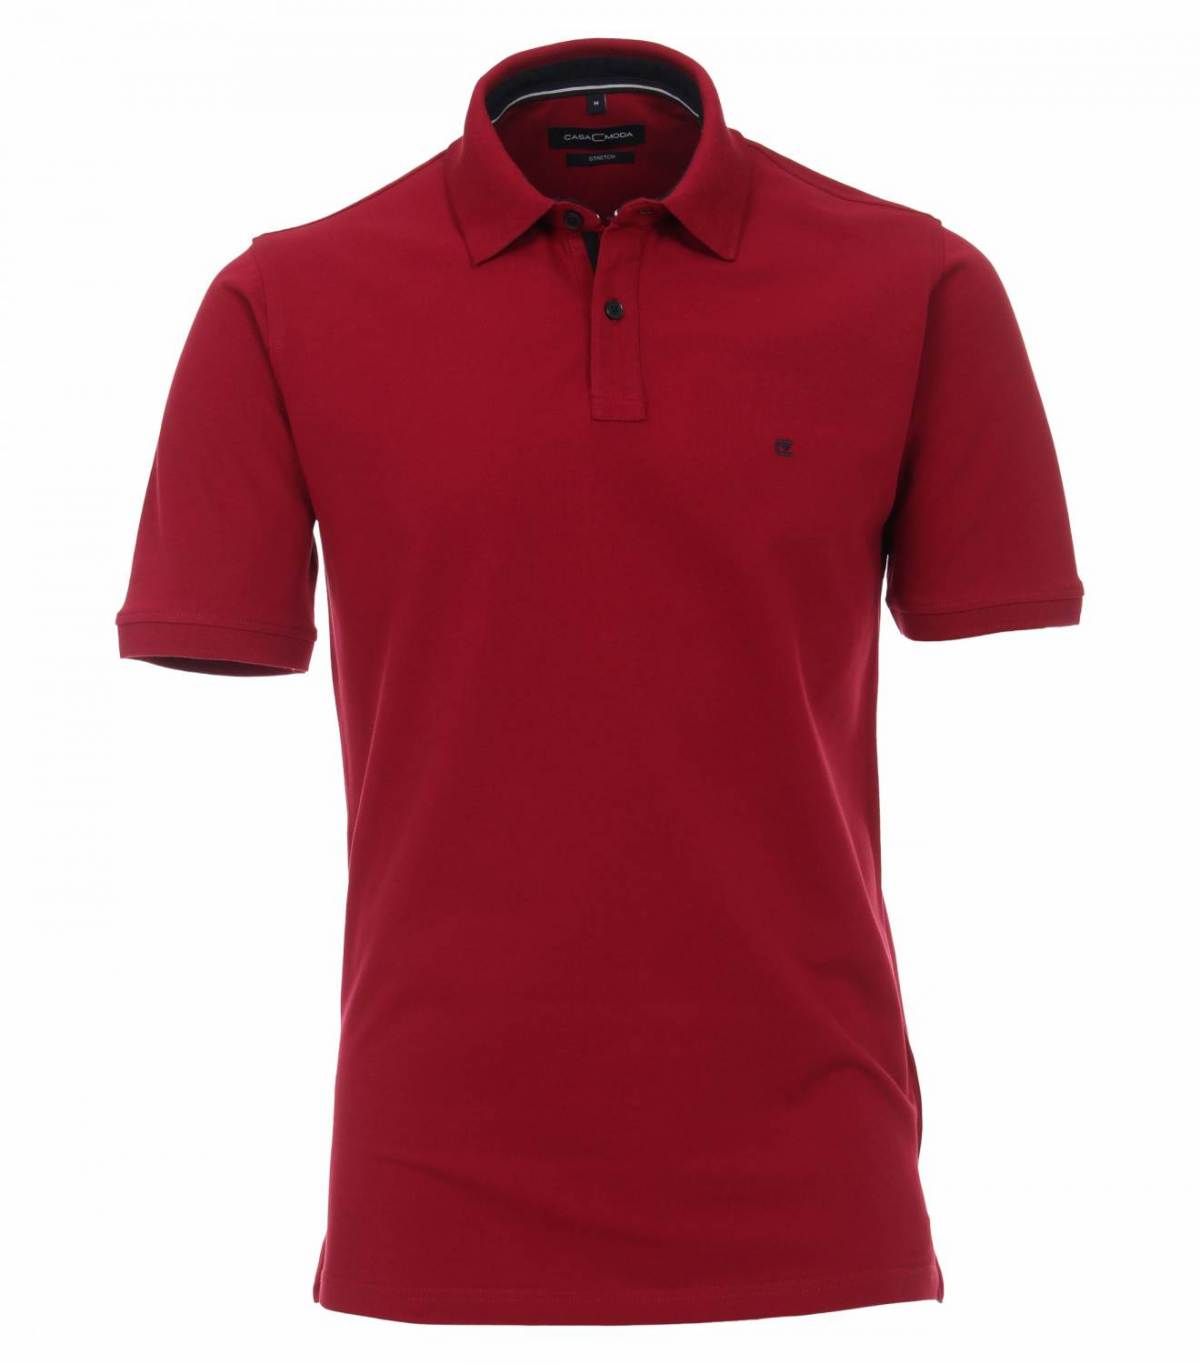 004470 964 - - Con Murphys Menswear